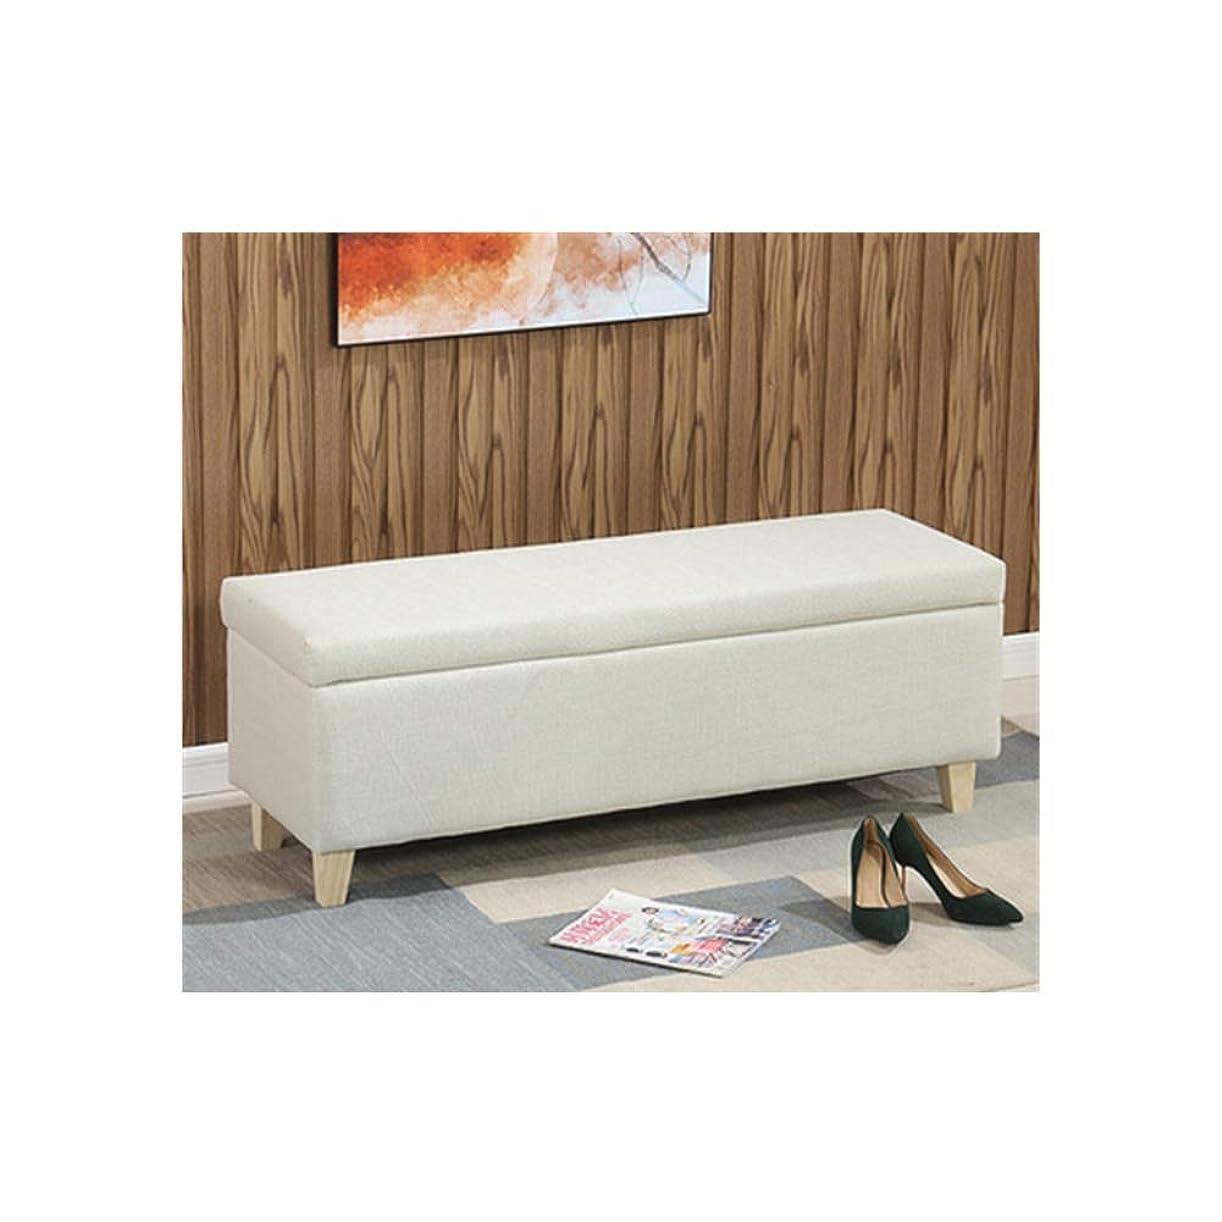 さわやかカートリッジ配送収納ベンチ ストレージスツールのためにリビングルームのベッドルーム廊下簡単にきれいにし、耐摩耗性 (Color : White, Size : 100x45x43cm)